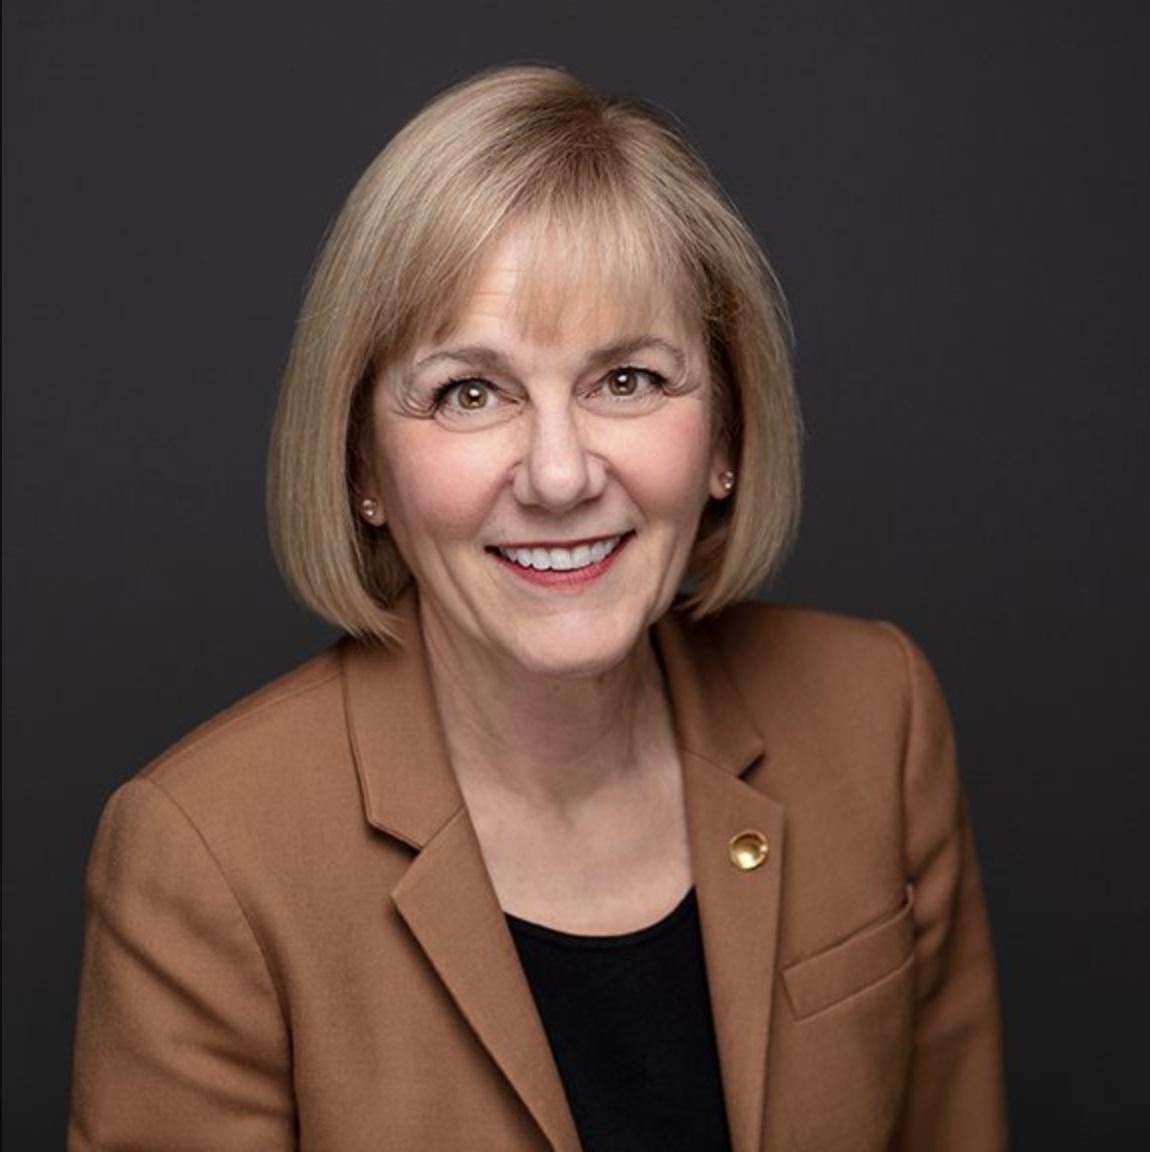 Diana M. Laing